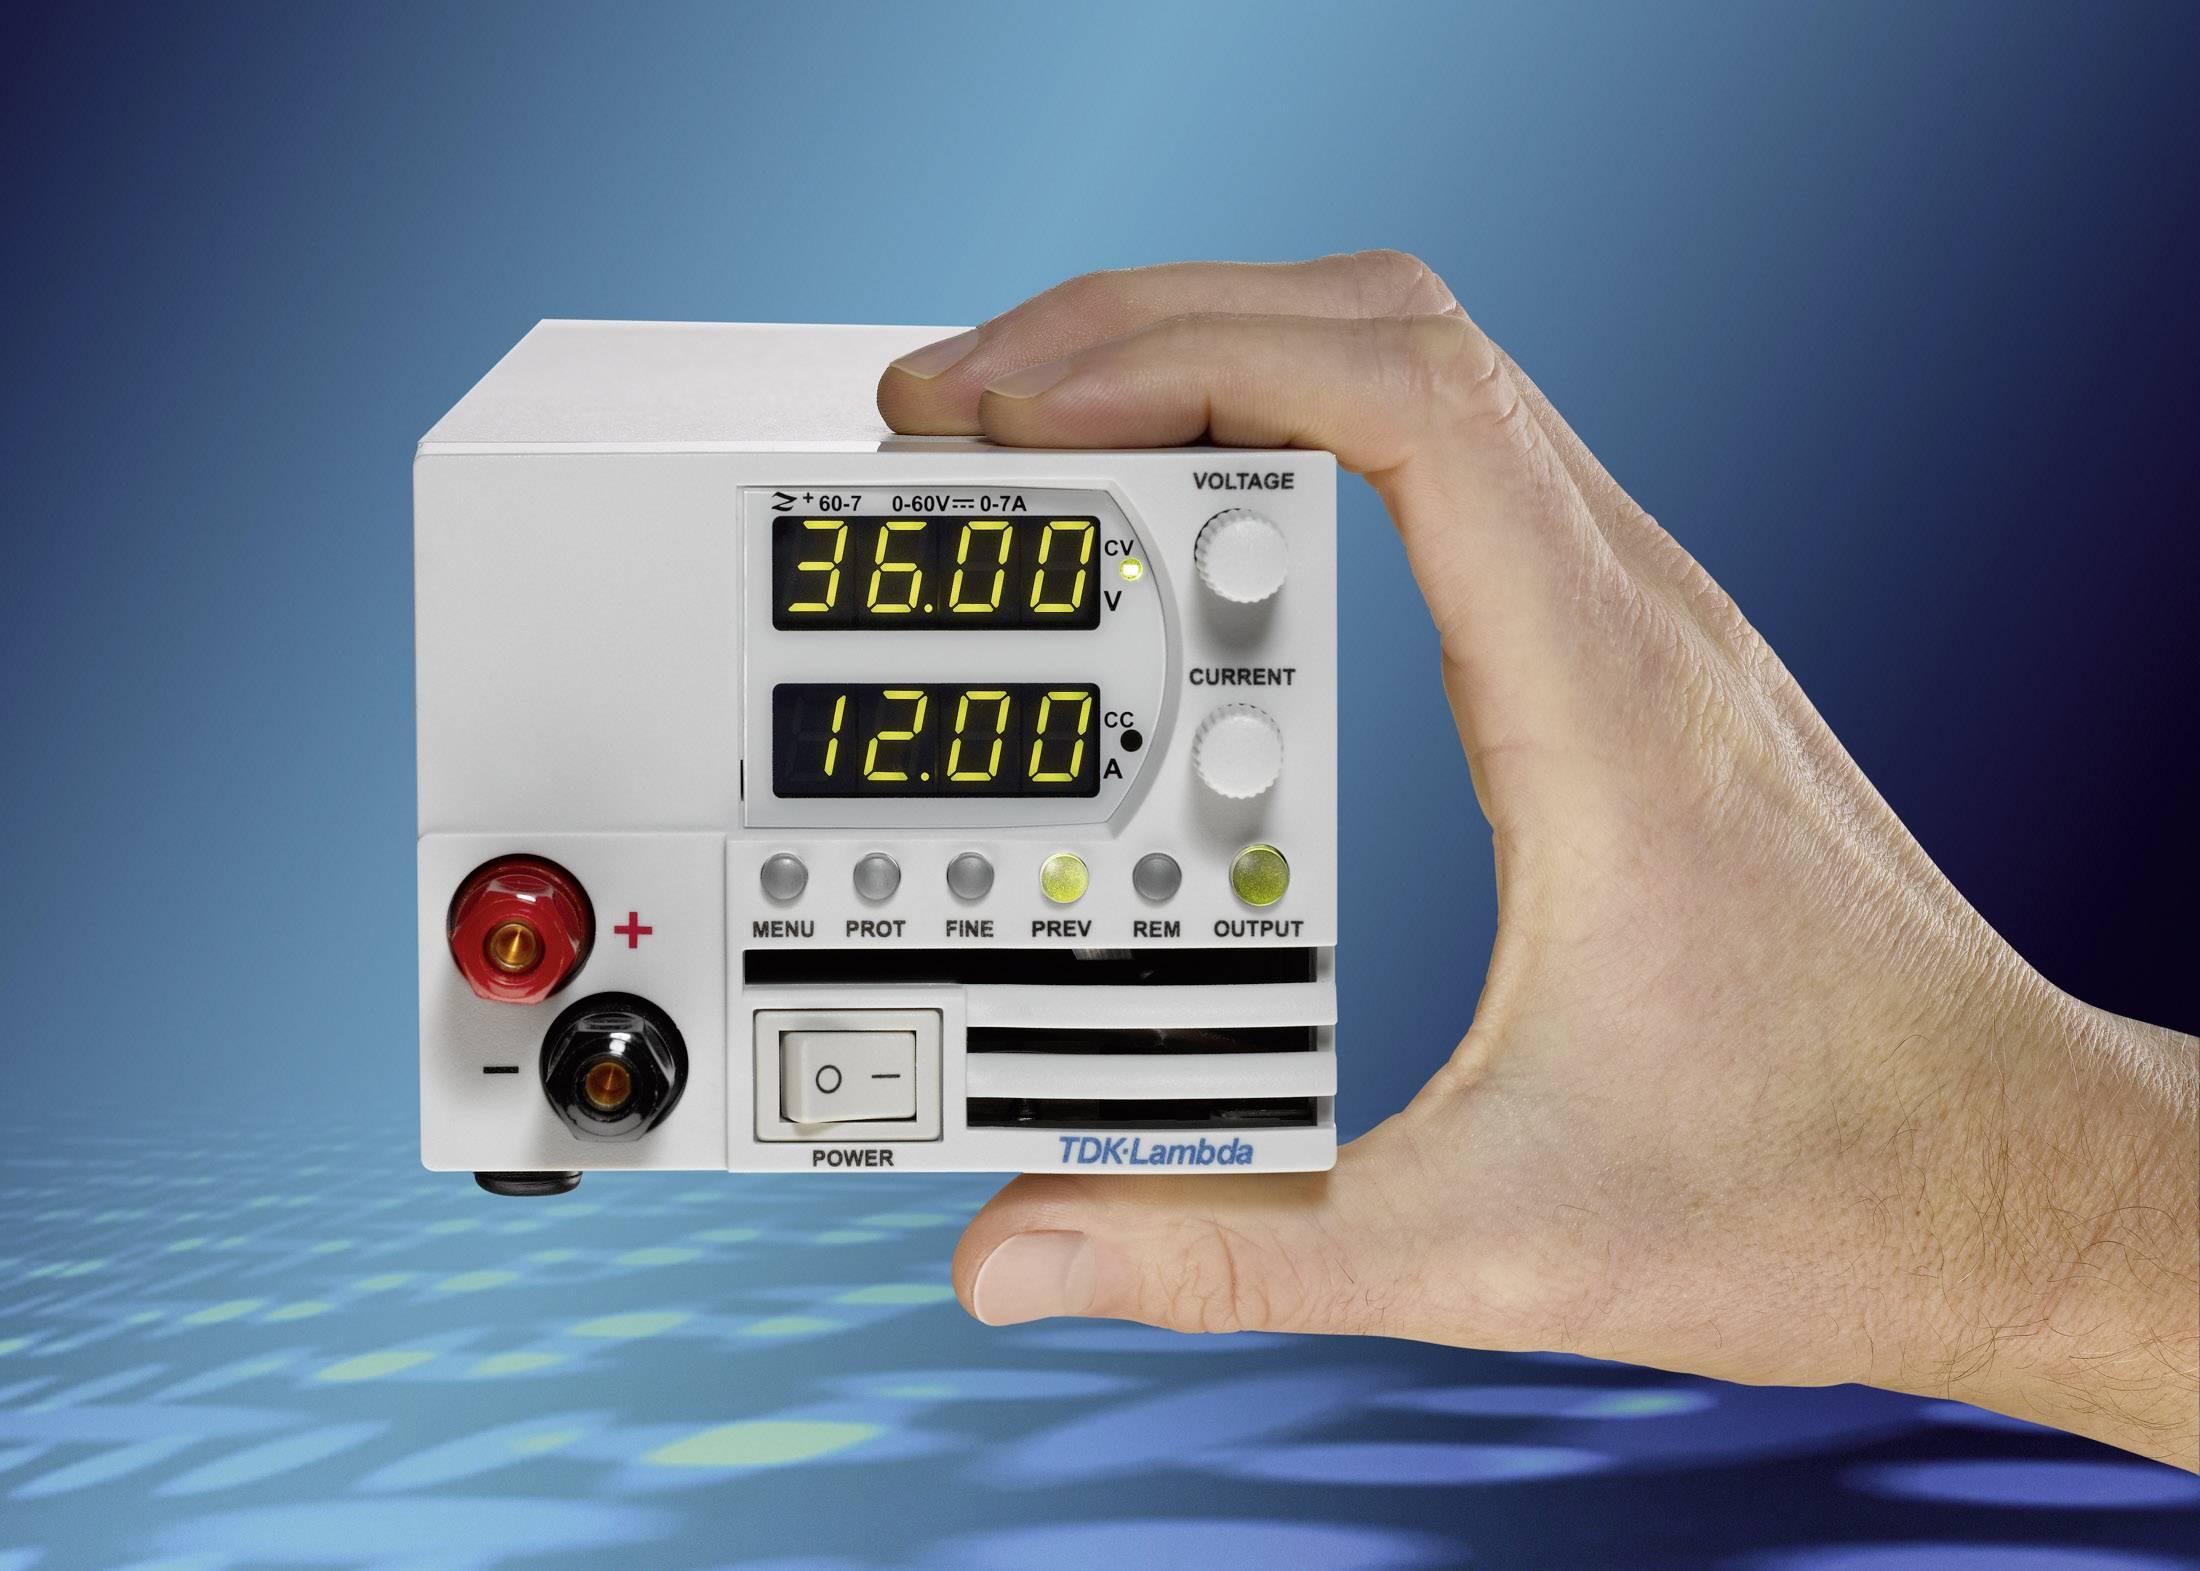 Programovateľný laboratórny sieťový zdroj TDK-Lambda Z-36-6/L, 0 - 36 V/DC, 0 - 6 A, 216 W